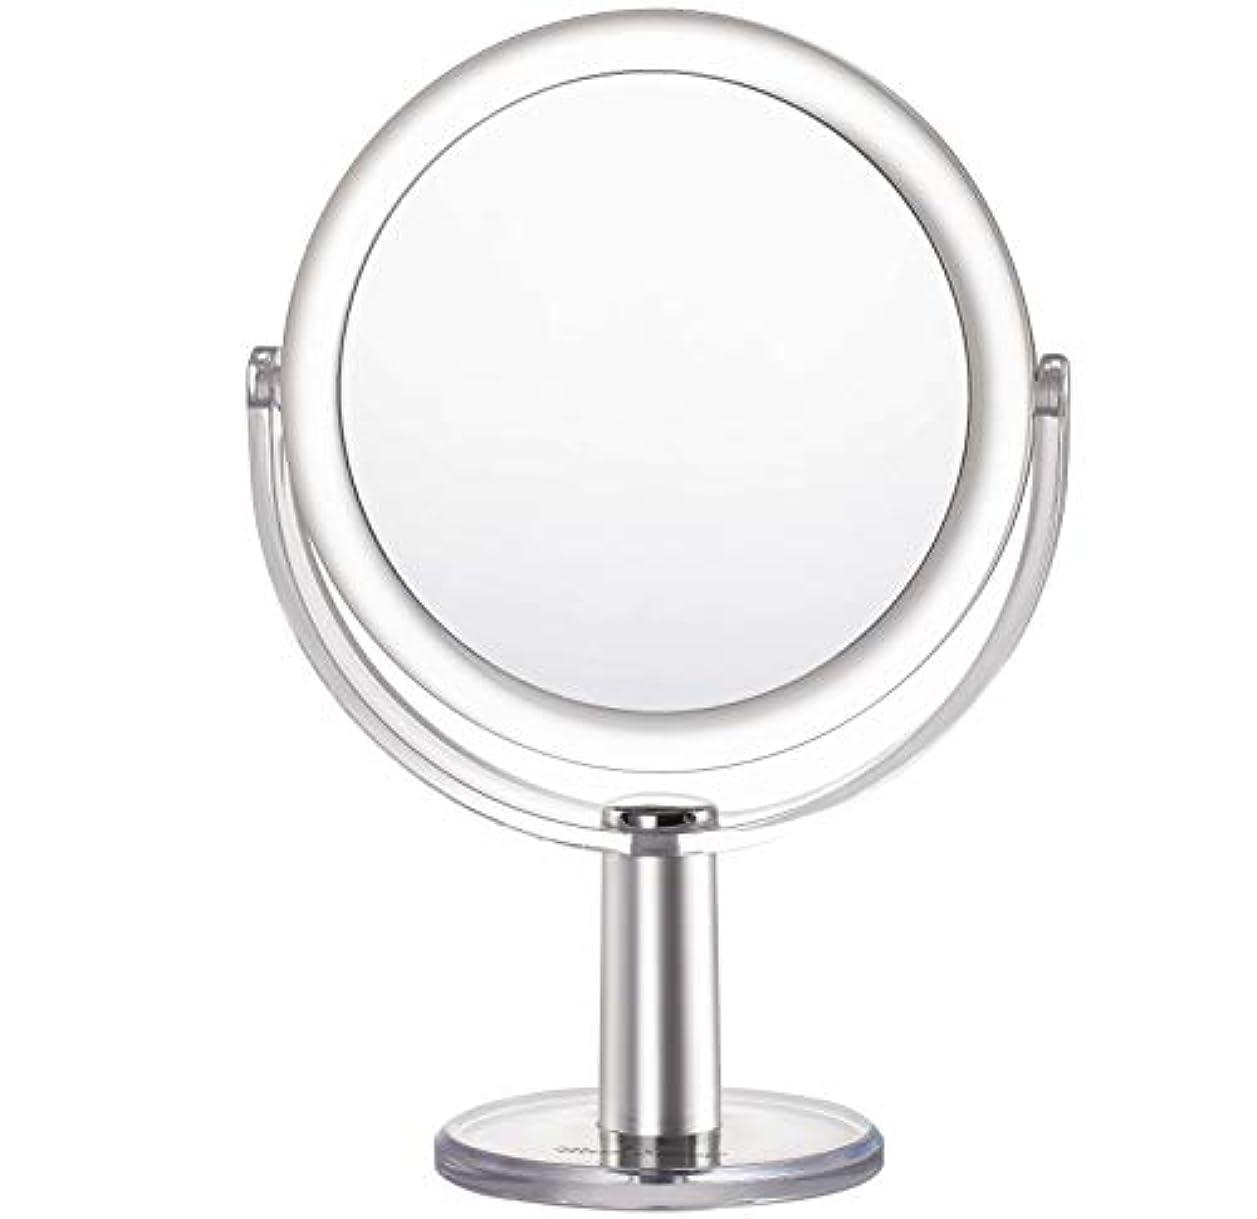 光電豊富に帰るMiss Sweet 5倍拡大鏡付き スタンドミラー 卓上化粧鏡 両面鏡 1倍*5倍 (Color 2 (1倍*5倍))